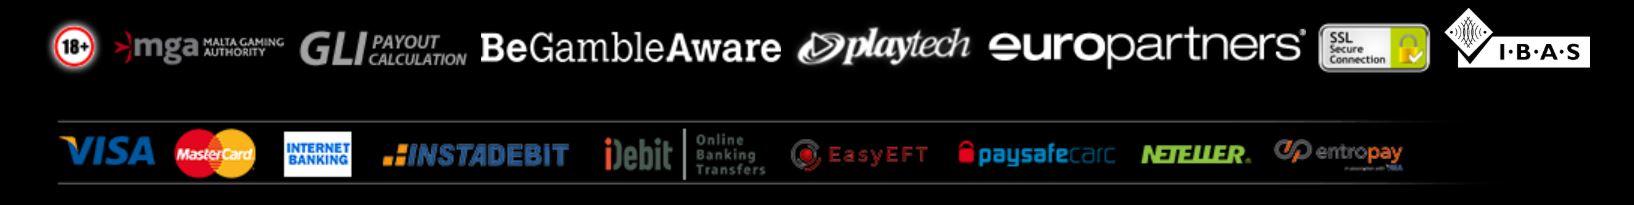 Titanbet es un casino online con bunern as opiniones.